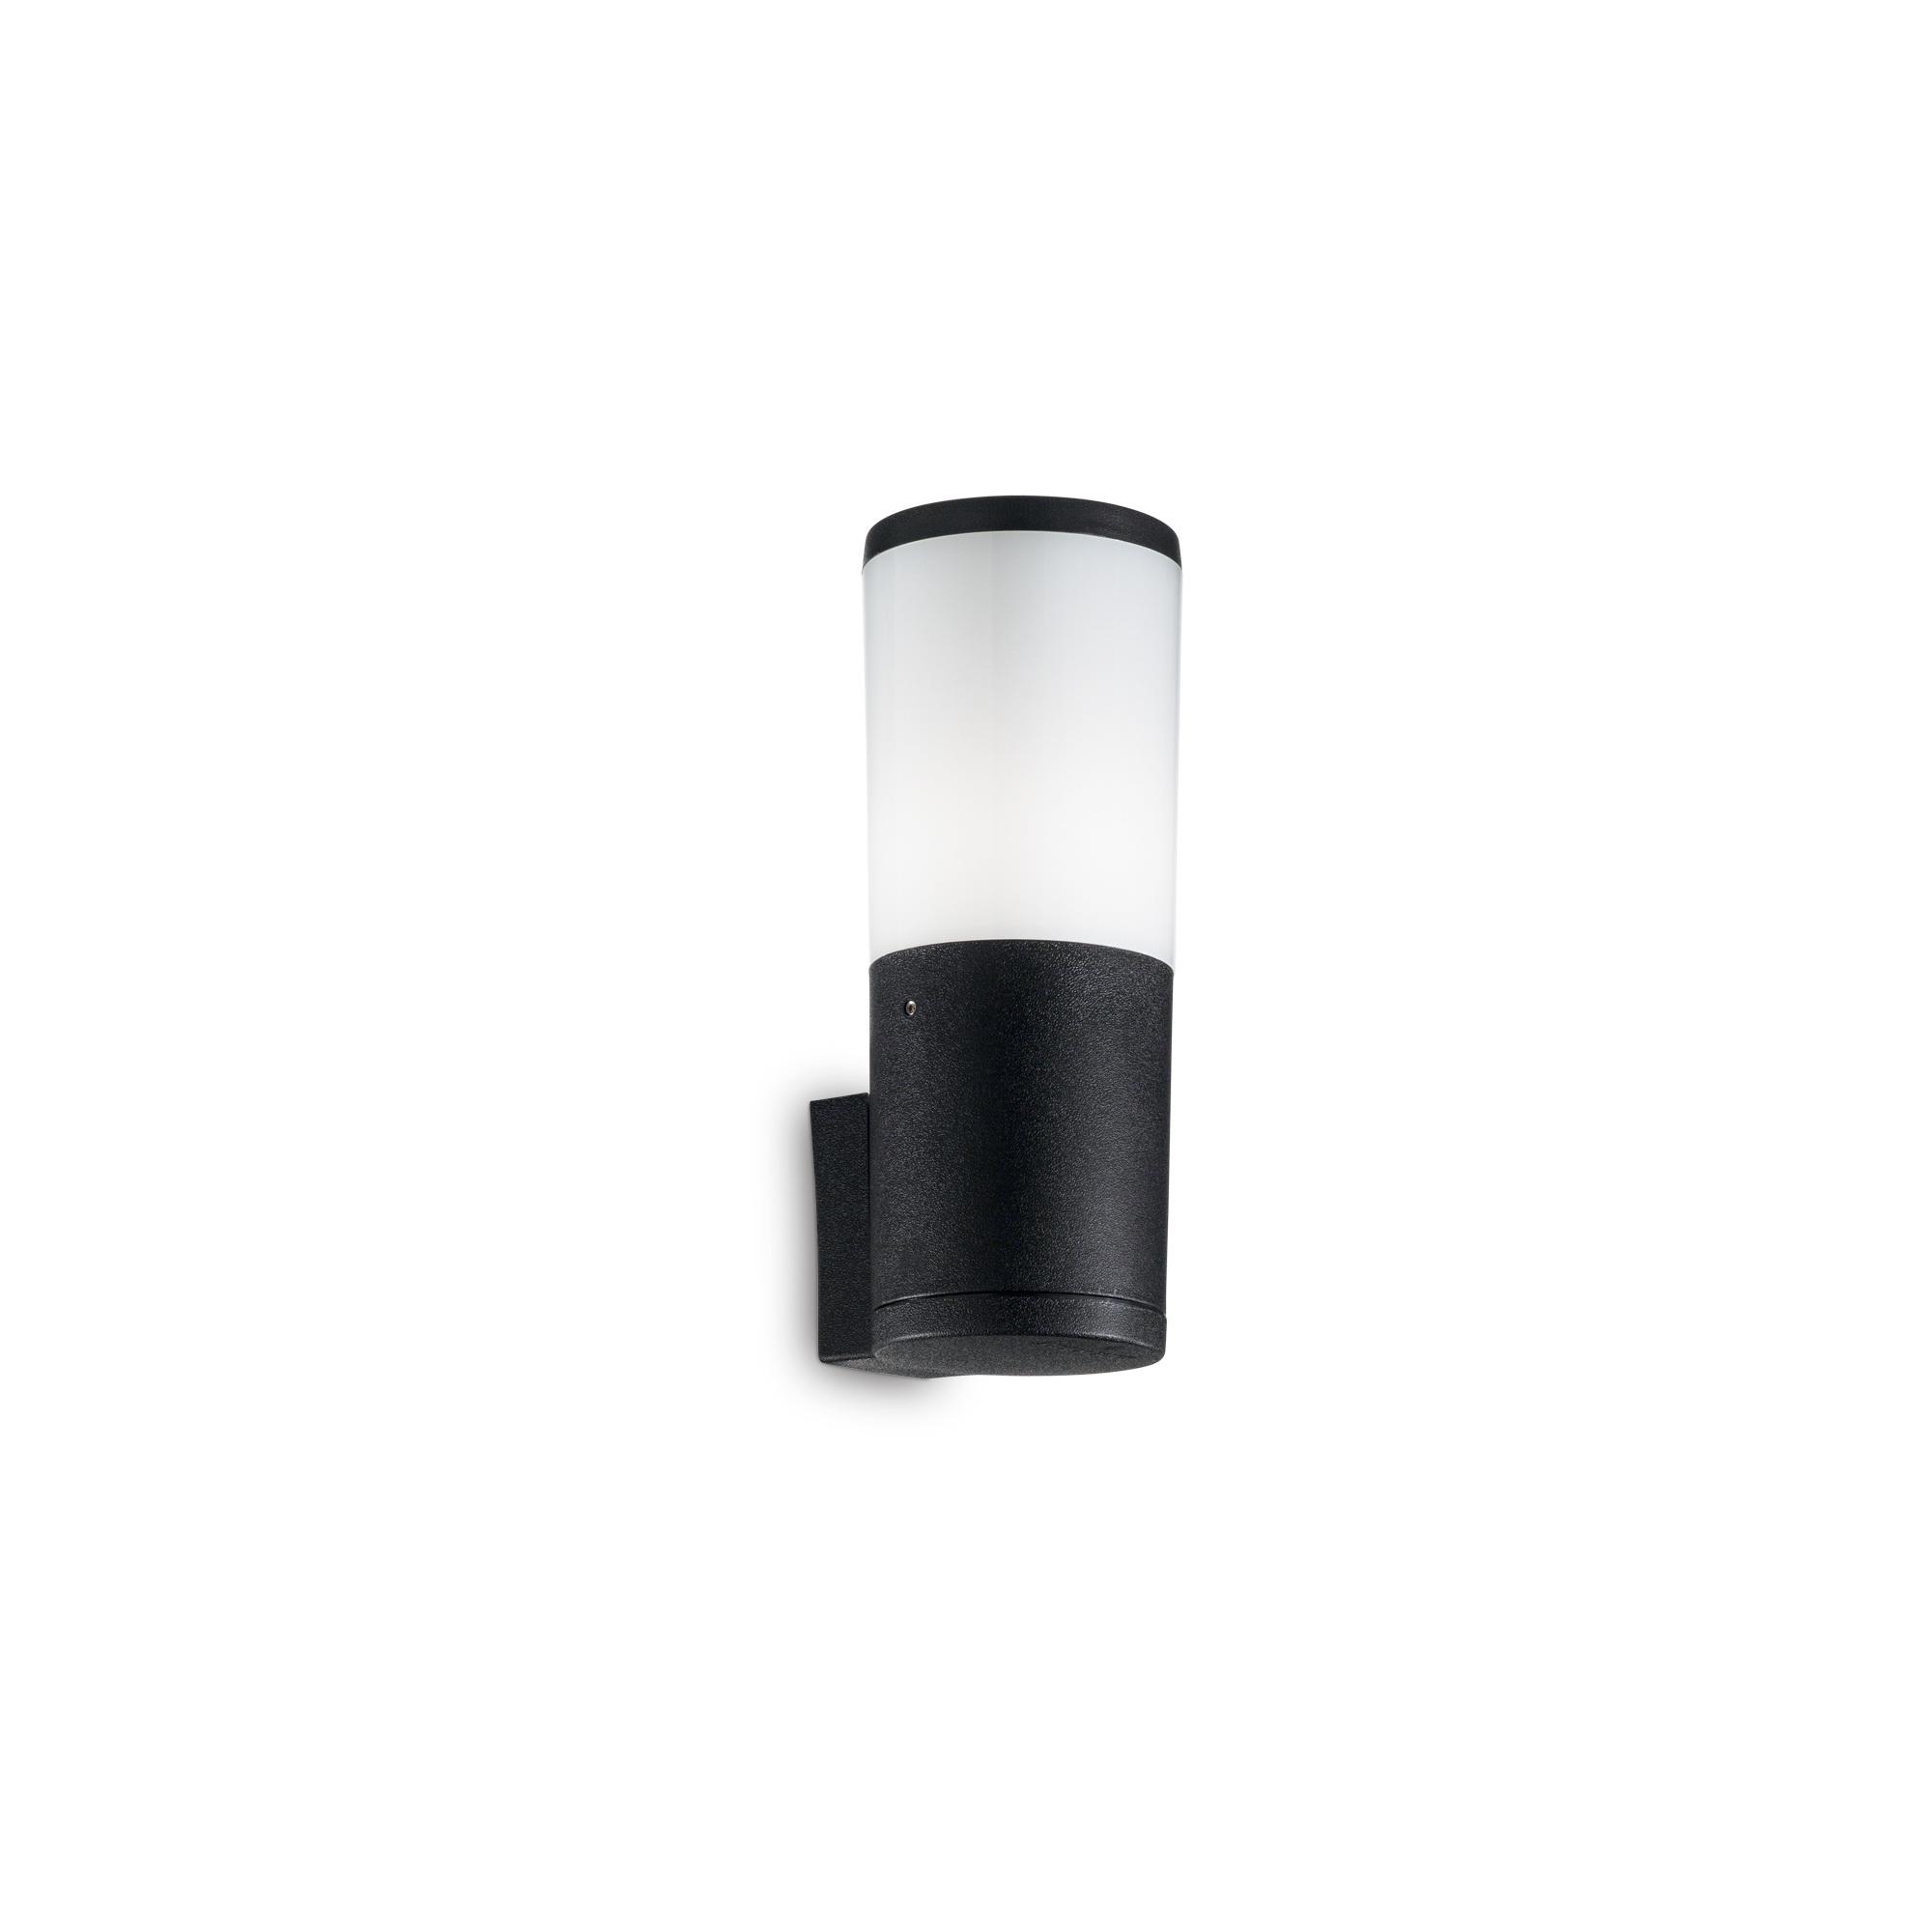 AMELIA AP1 NERO уличный накладной светильник черный